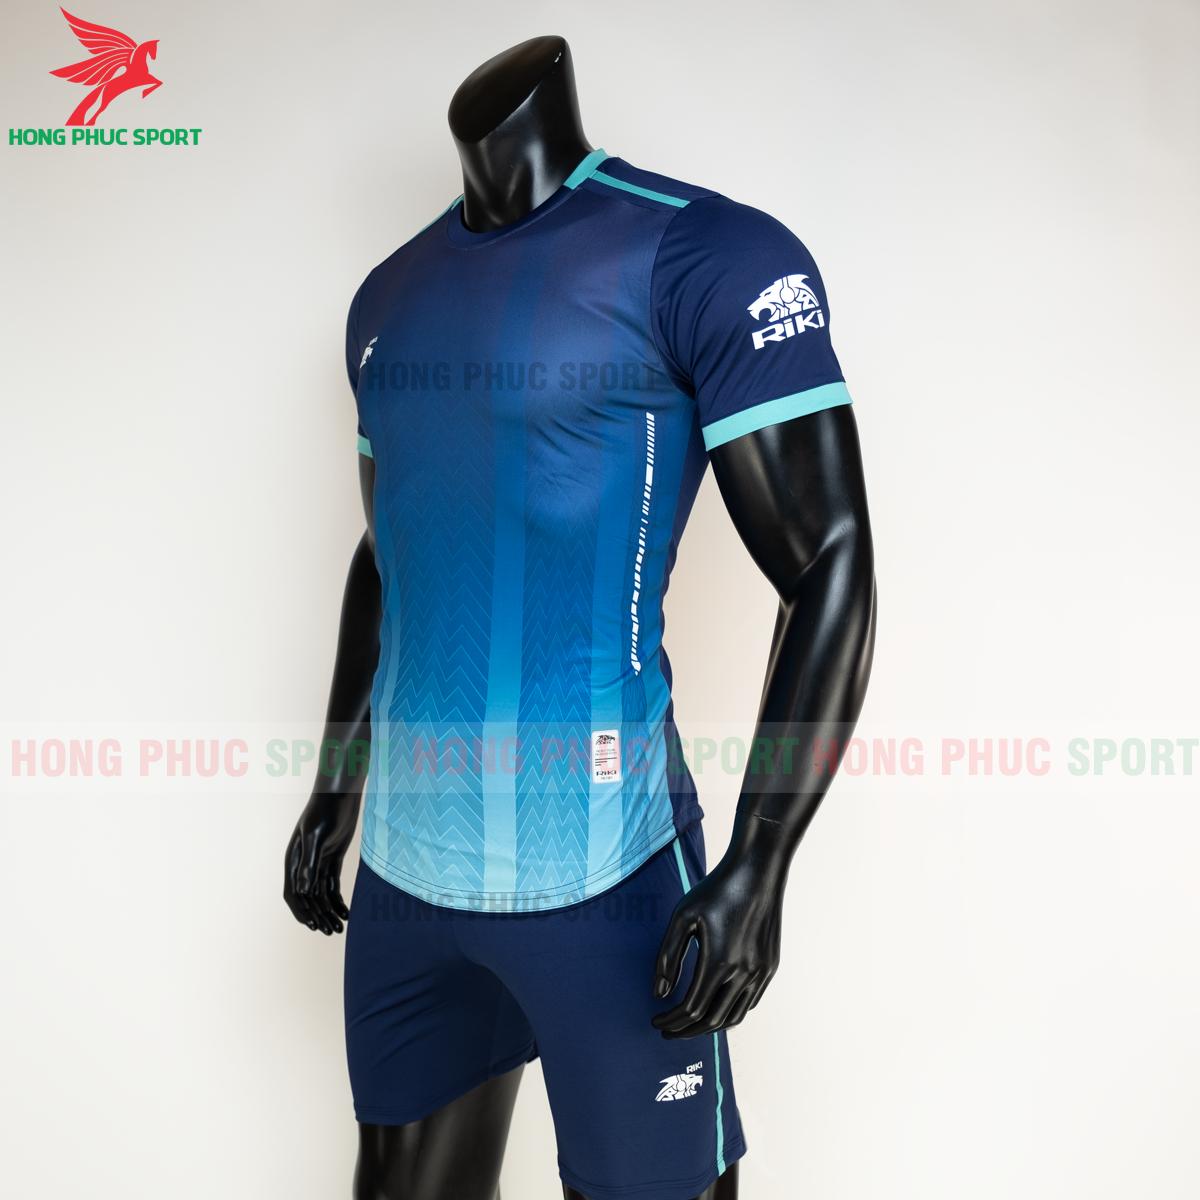 https://cdn.hongphucsport.com/unsafe/s4.shopbay.vn/files/285/ao-bong-da-khong-logo-riki-furior-mau-xanh-duong-4-6050191e18f81.png